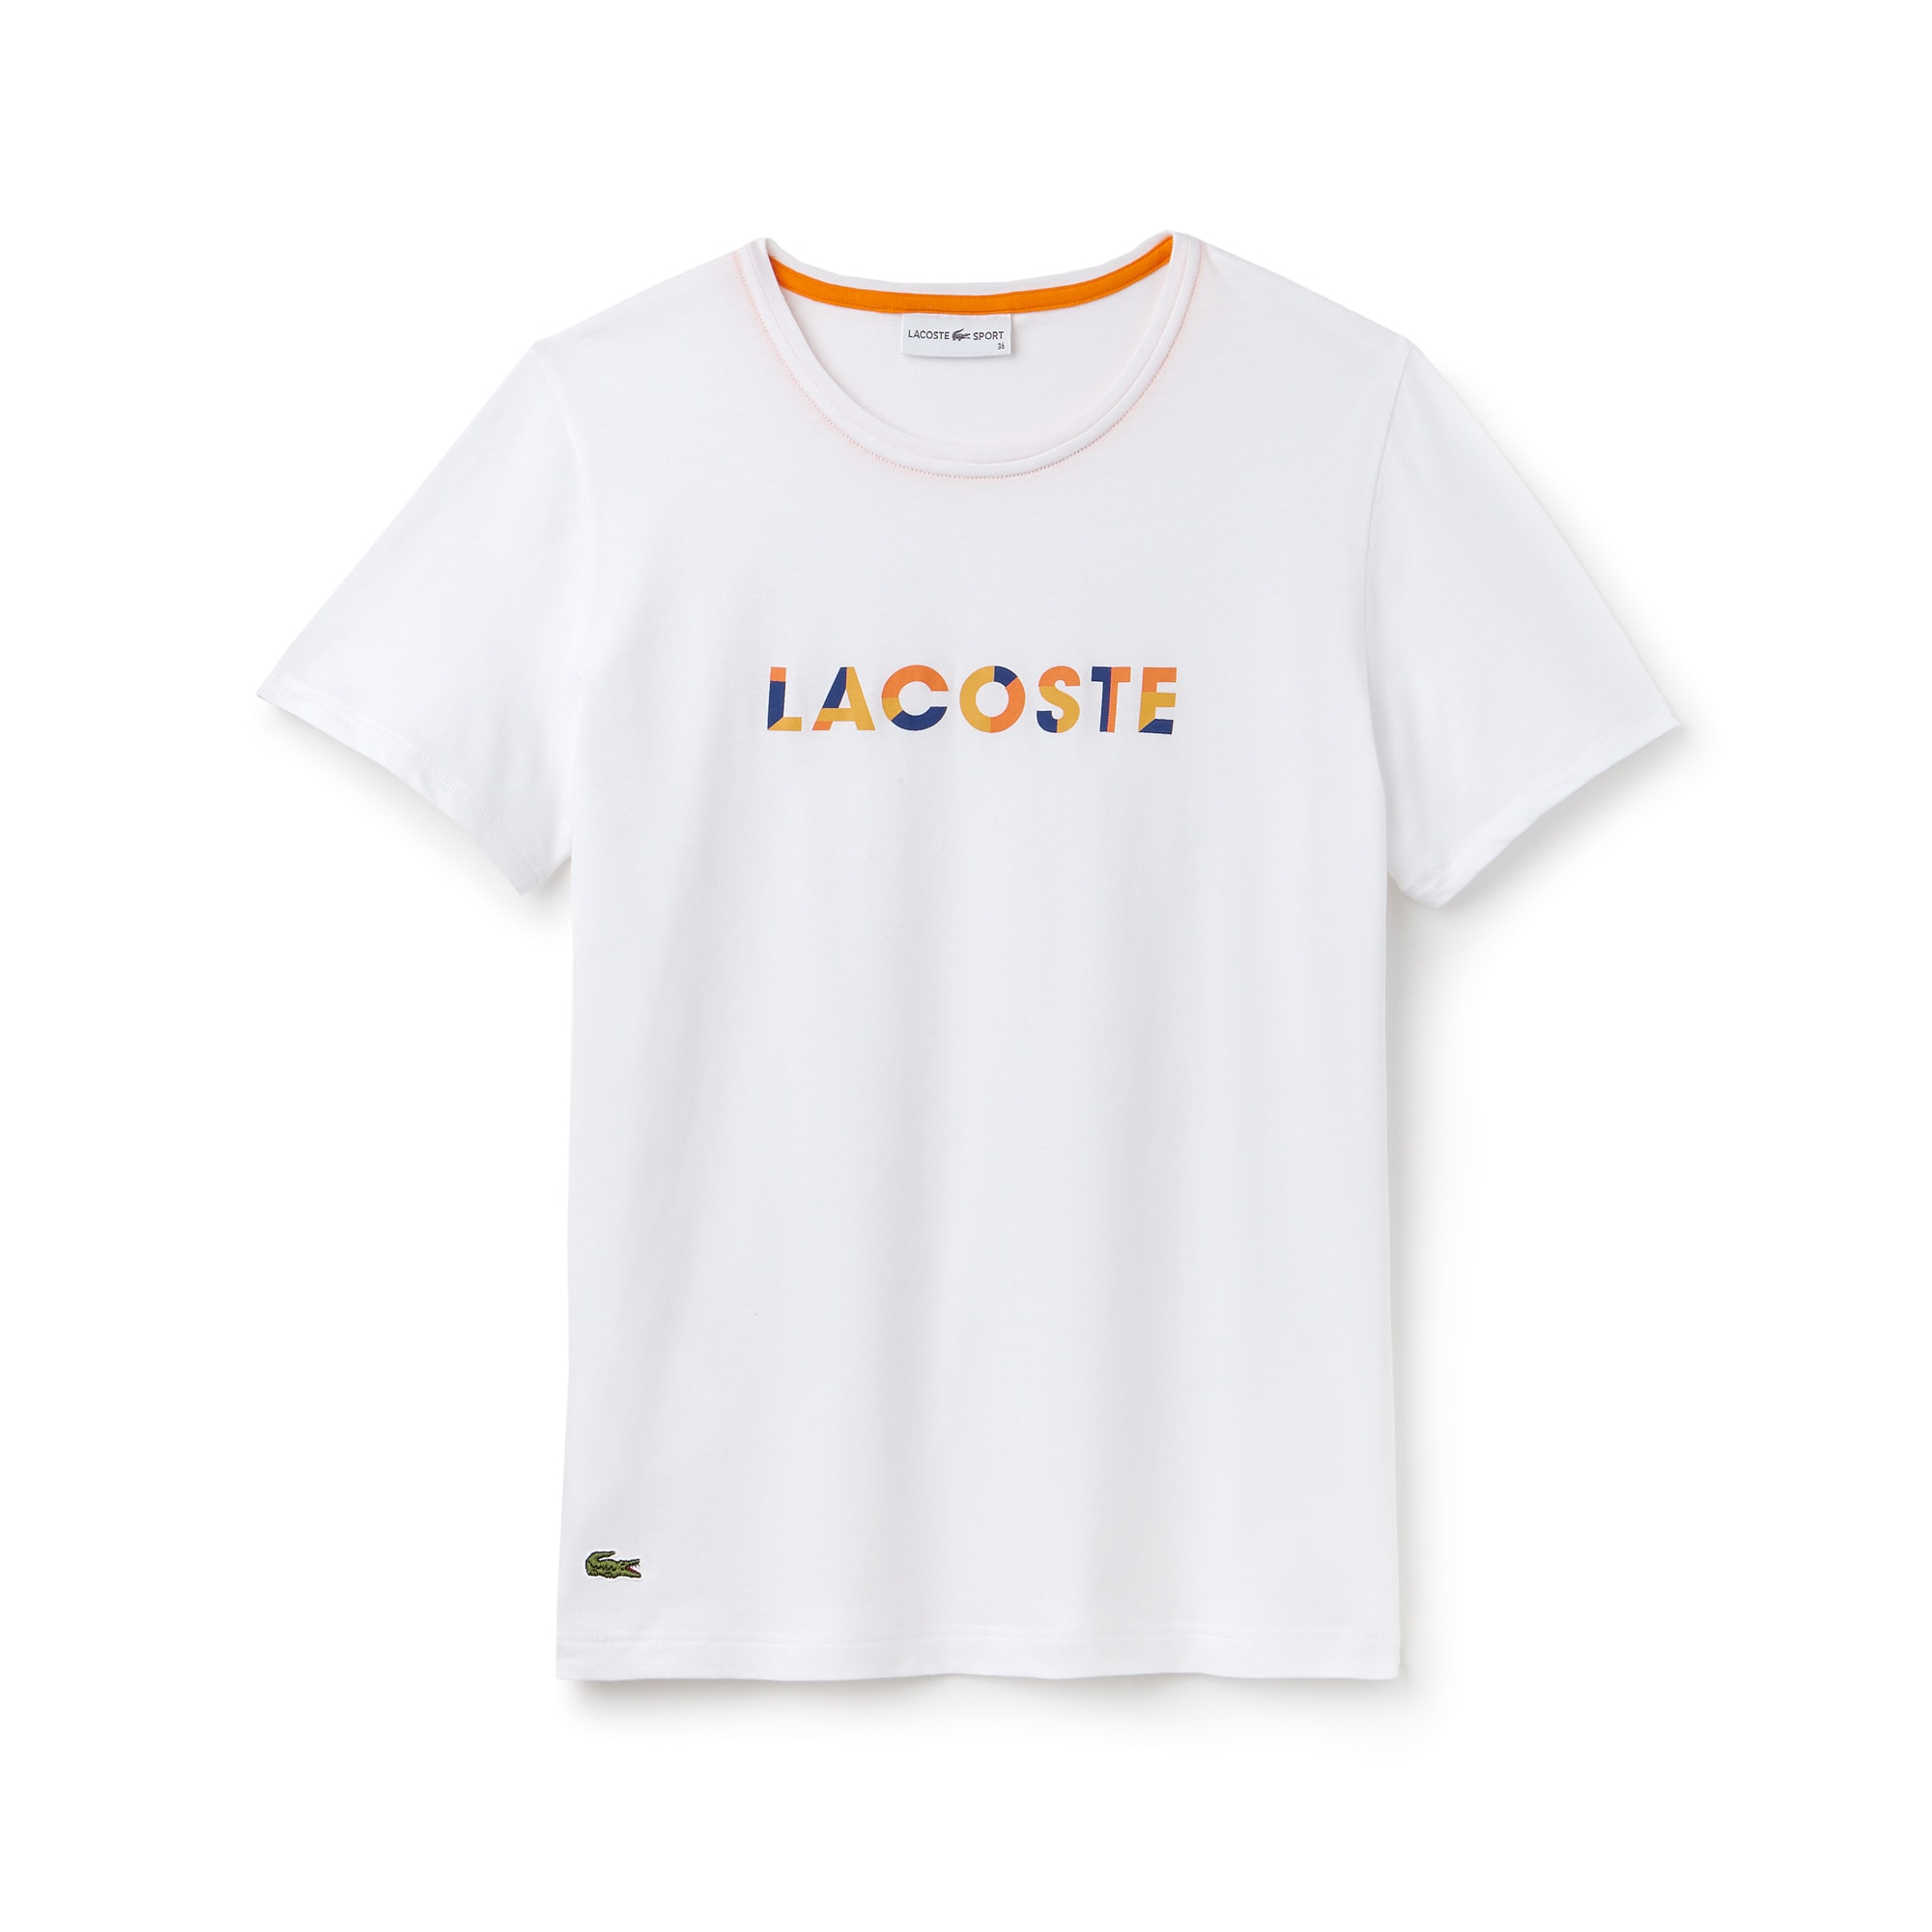 Damen LACOSTE SPORT Rundhals Tennis T-Shirt aus Jersey mit Logo